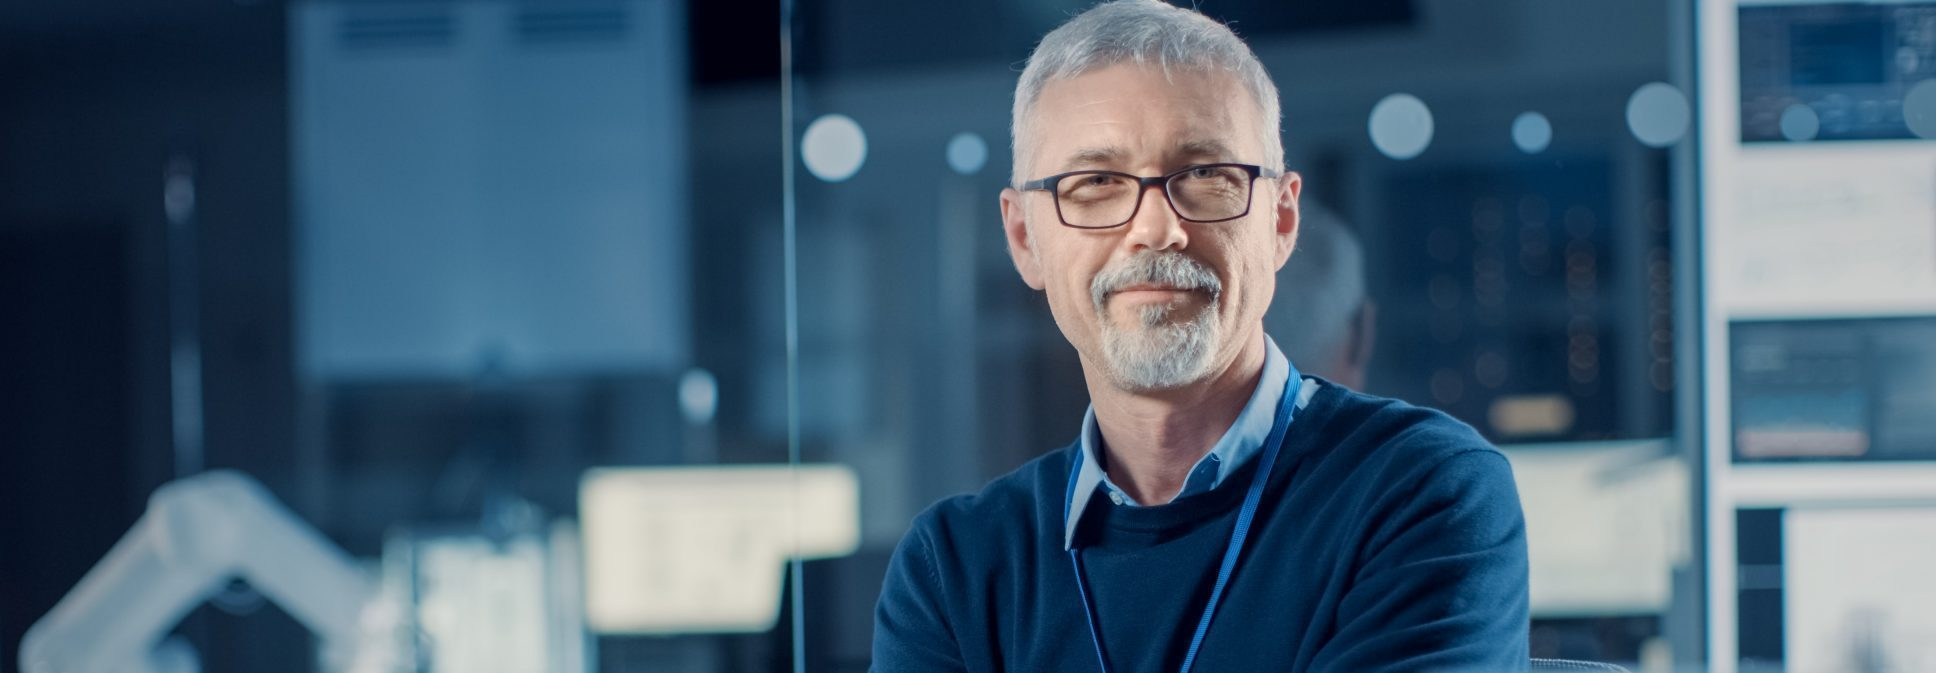 Bilde av en mannlig CFO i økonomiavdelingen i entreprenørbransjen